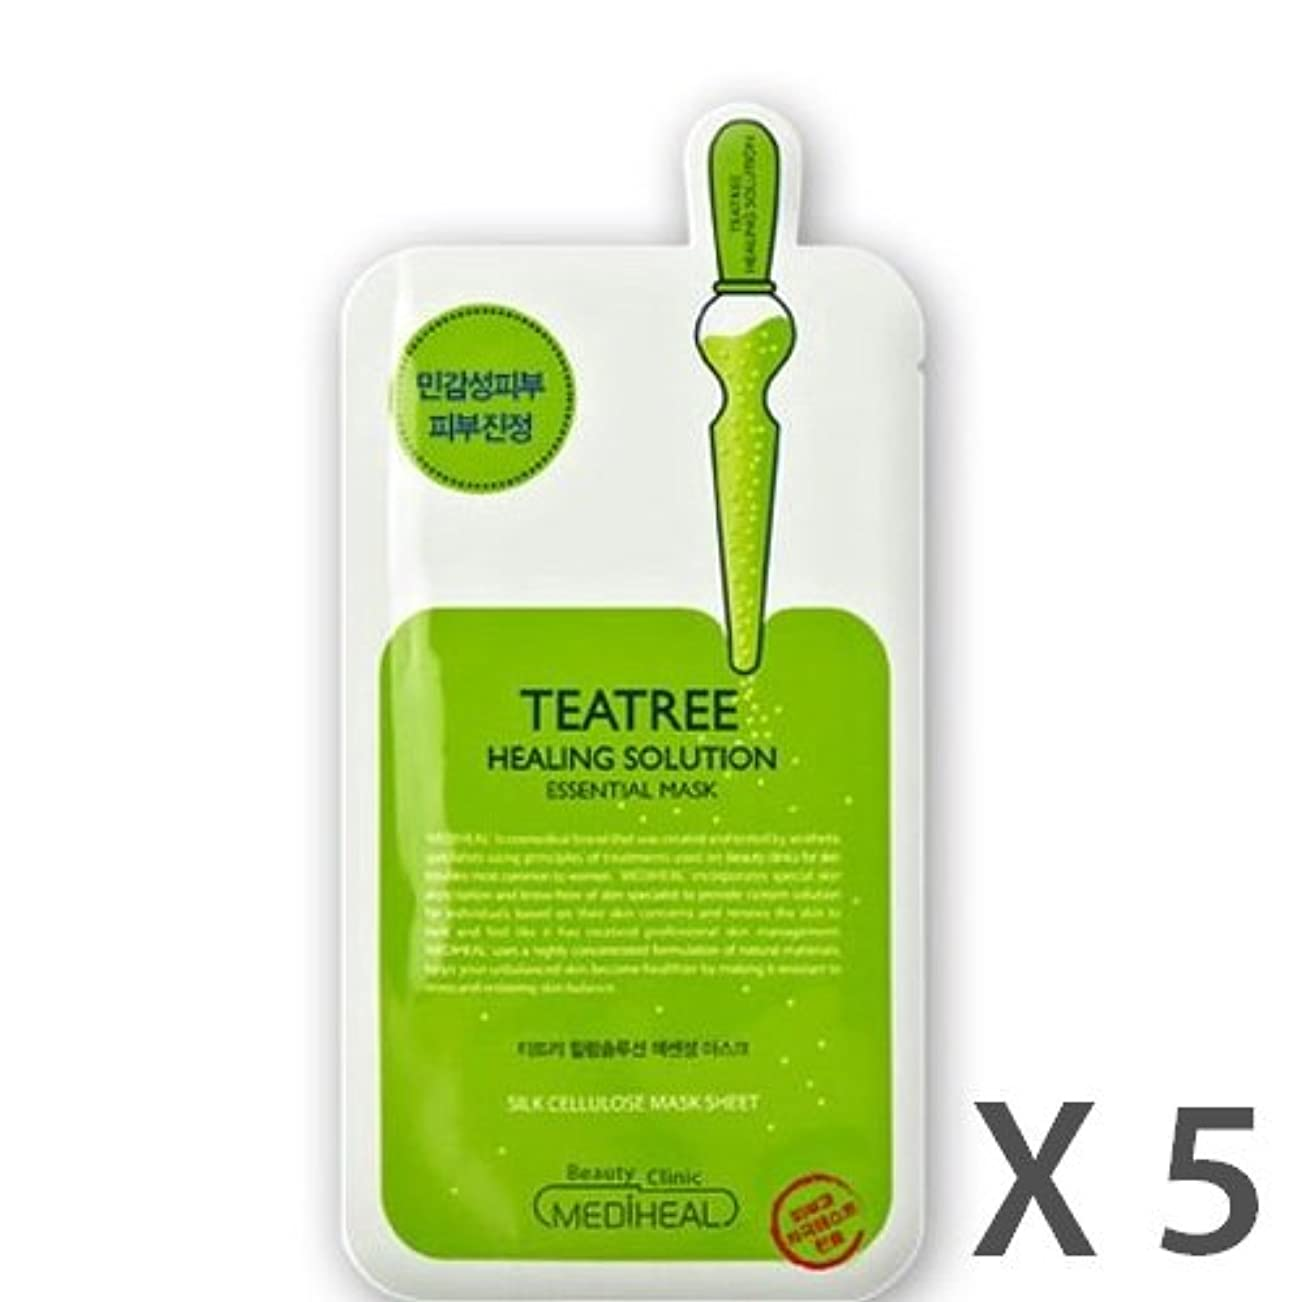 姿を消すスチール八MEDIHEAL Tea Tree Healing Solution Essential Mask 5ea /メディヒール ティー ツリー ヒーリングソリューションエッセンシャルマスク 5ea [並行輸入品]